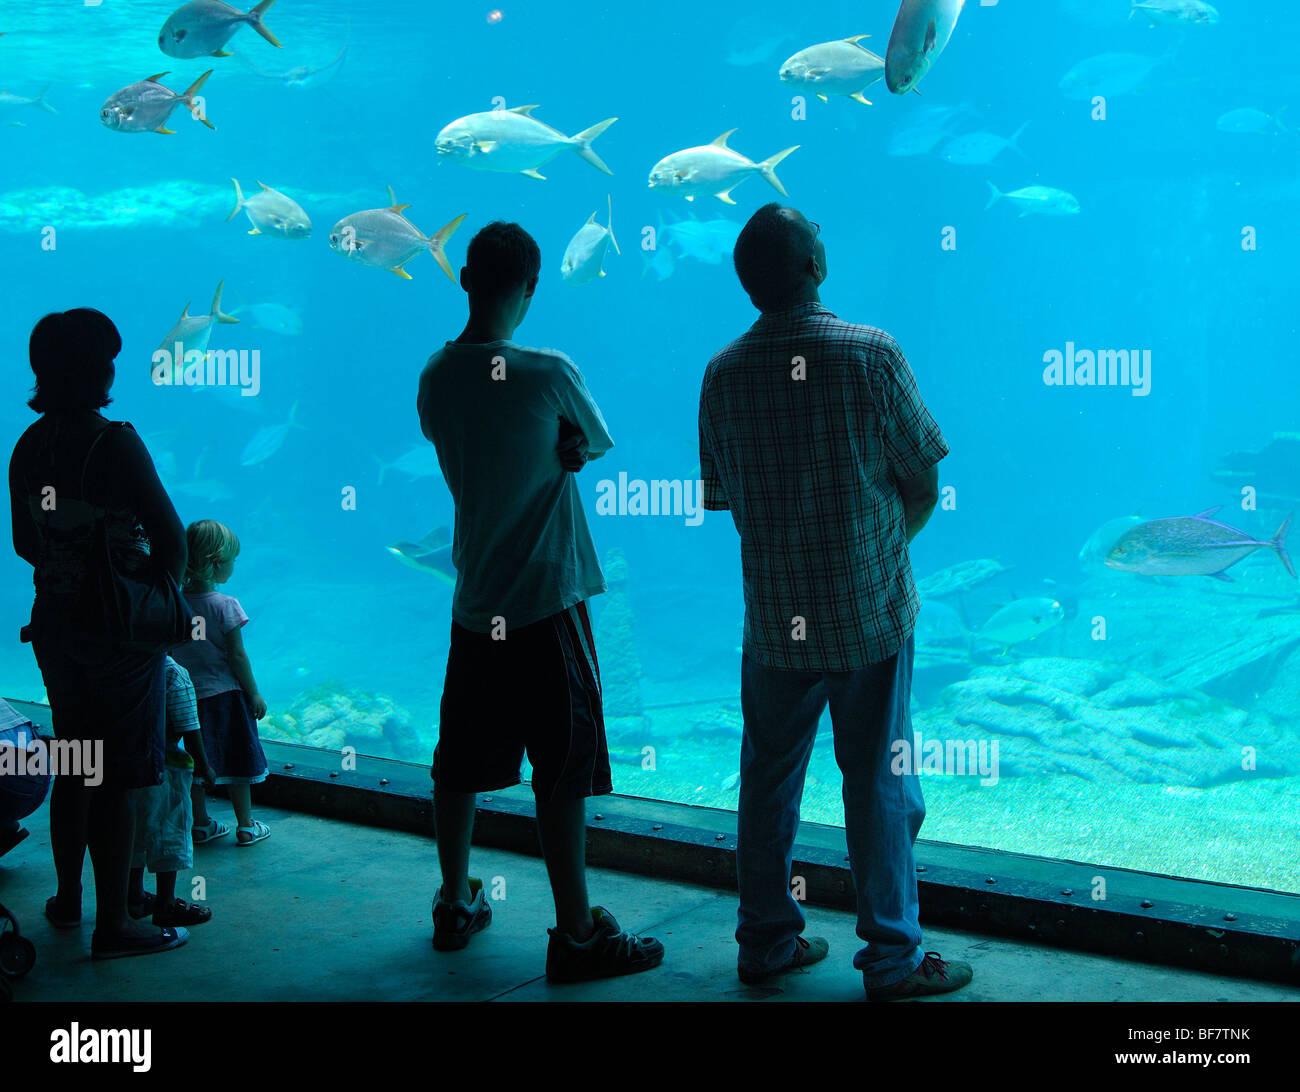 South Africa, Durban : the aquarium - Stock Image